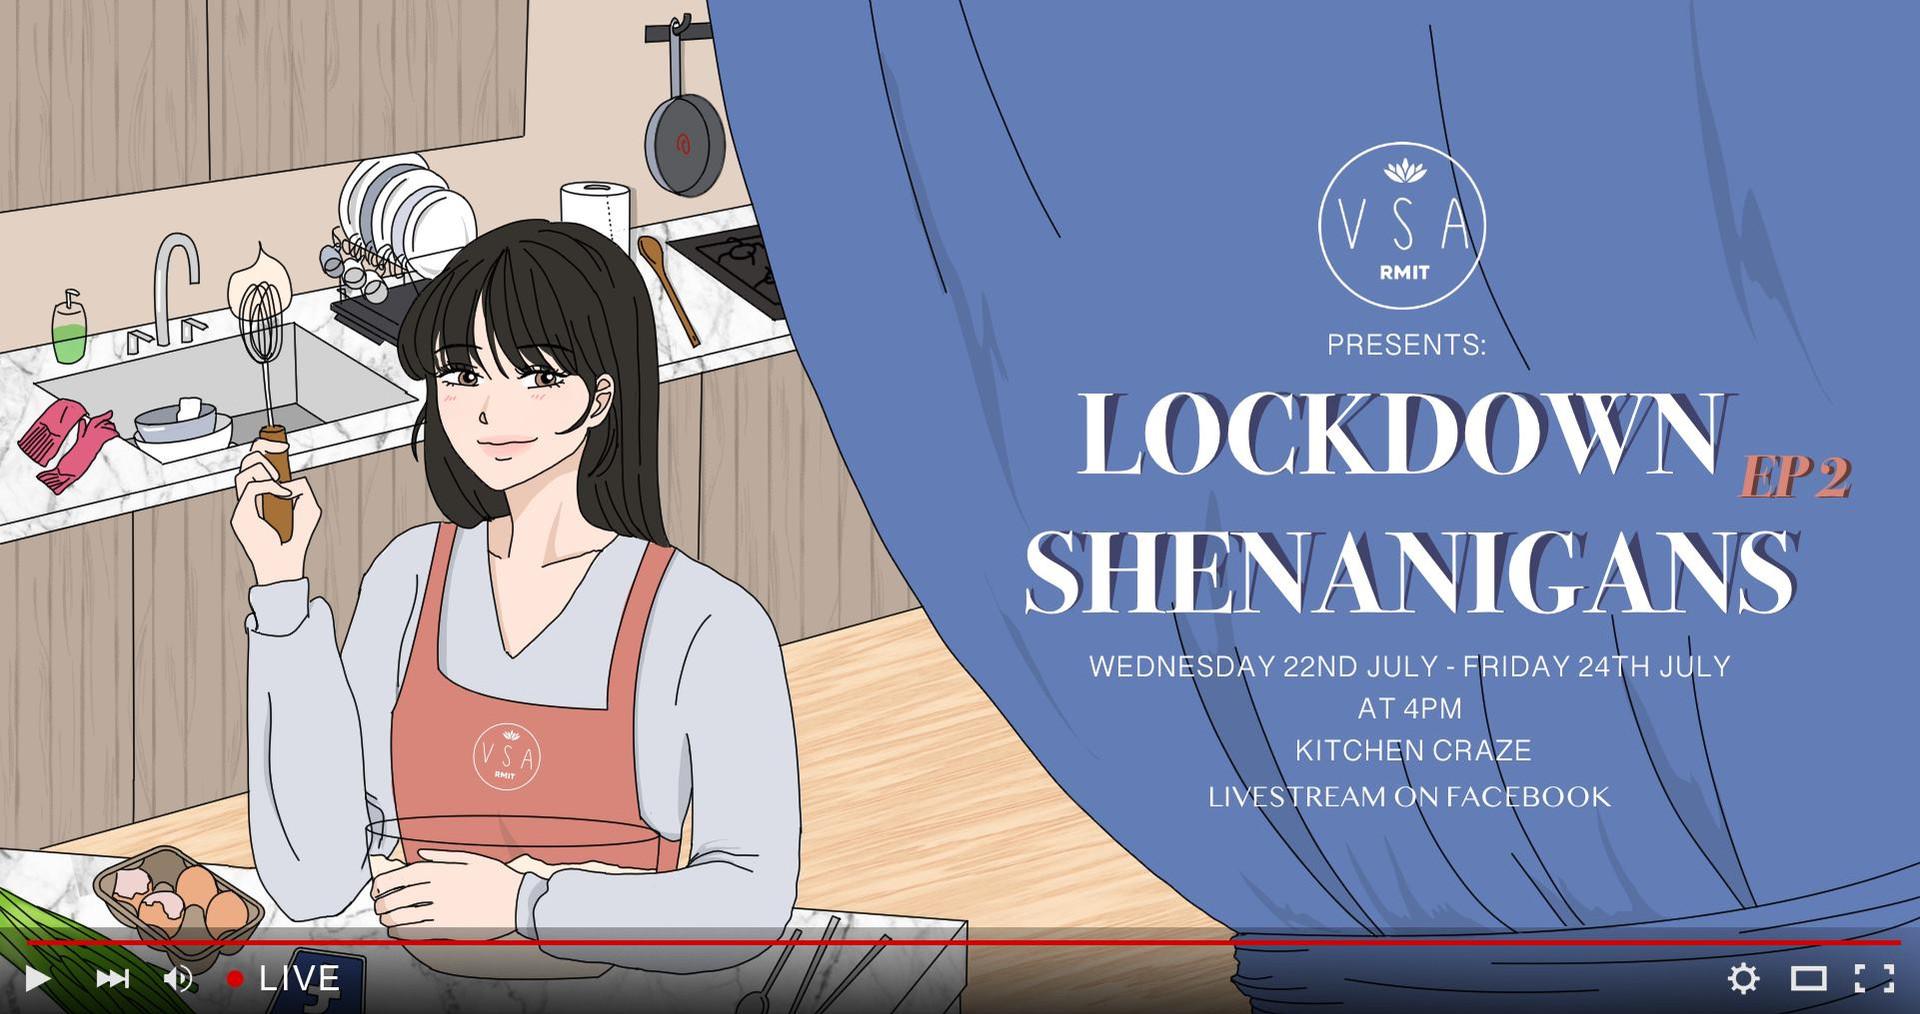 RMIT VSA Presents: Lockdown Shenanigans (Episode 2)